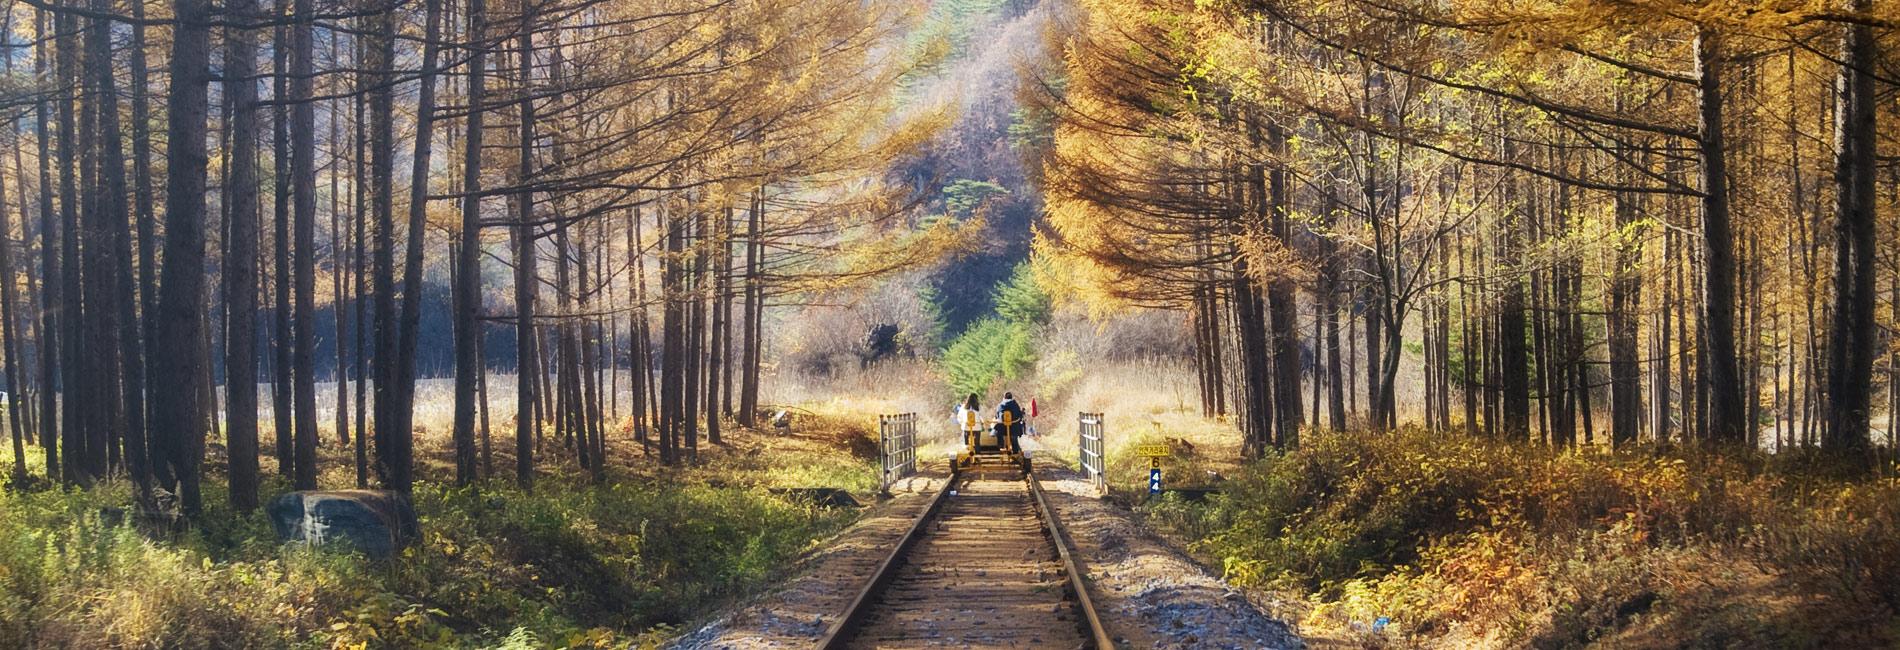 【일일투어】에델바이스, 아침 고요 수목원, 강촌 레일파크 (서울출발)